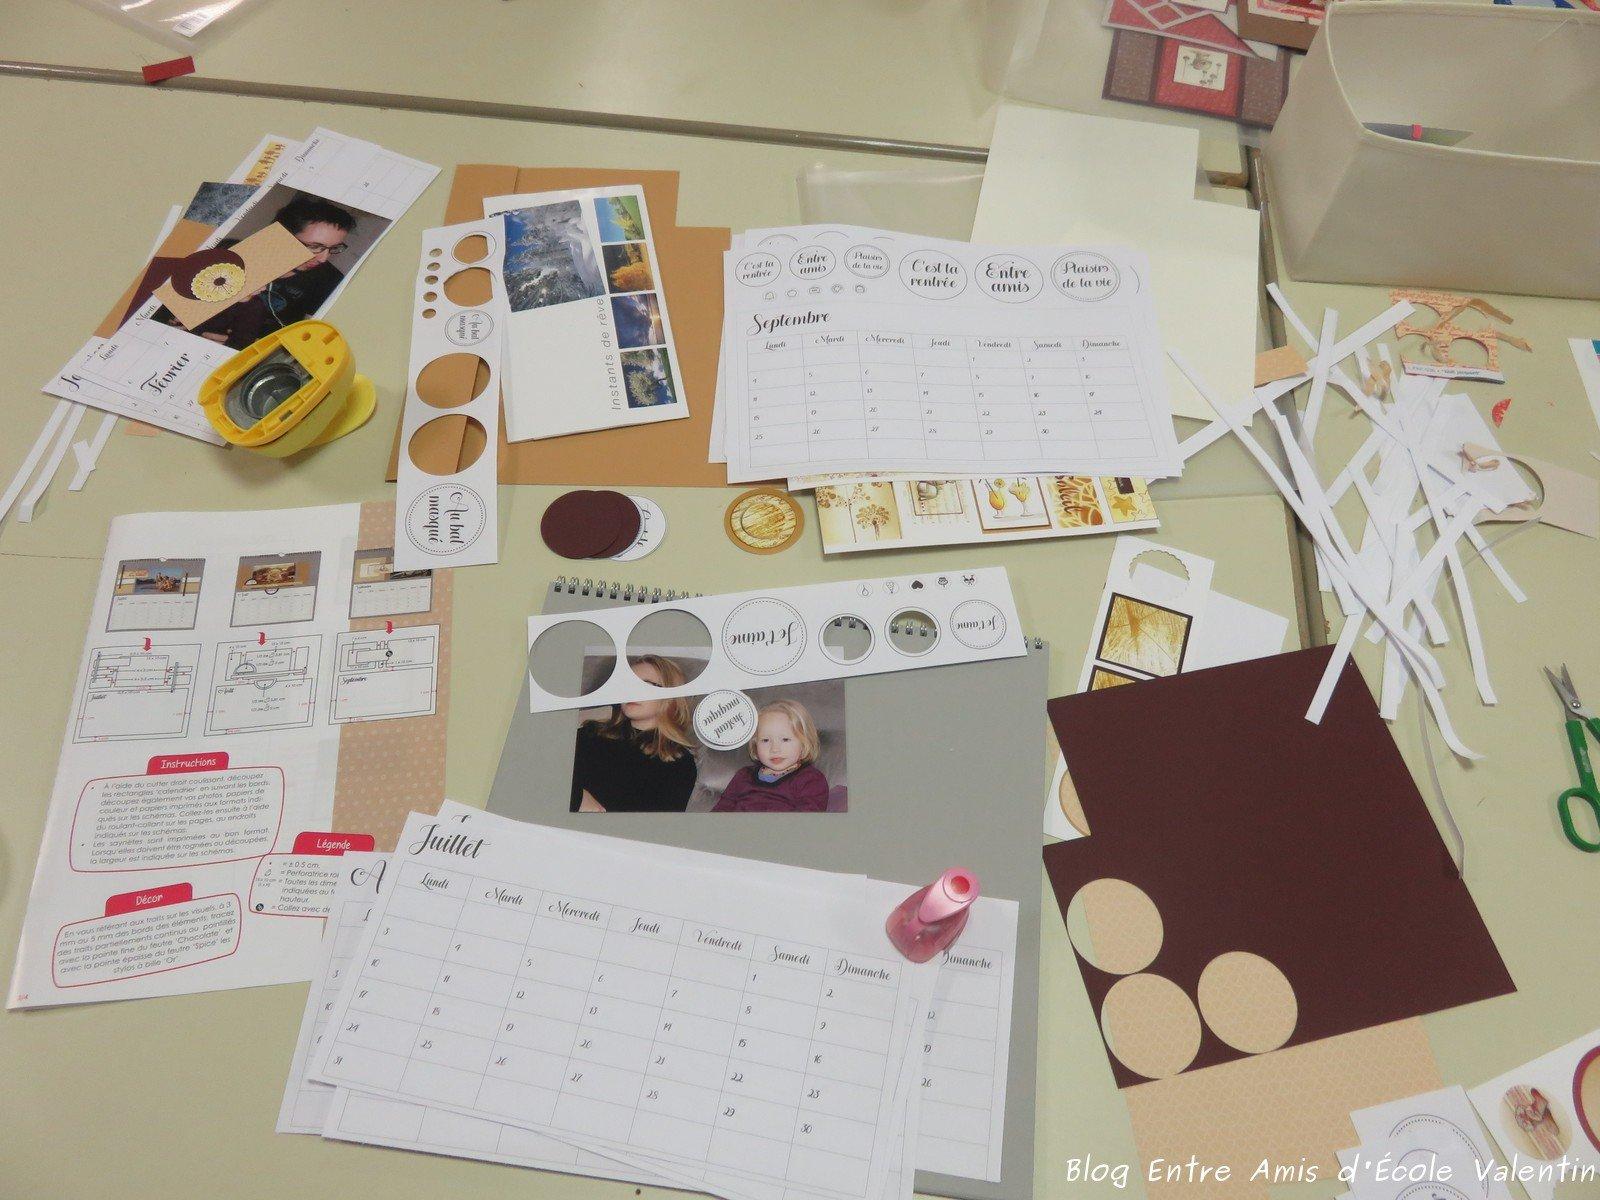 Bien connu Scrapbooking - Atelier Carte de Voeux 2017 - BEA d'Ecole Valentin GD95